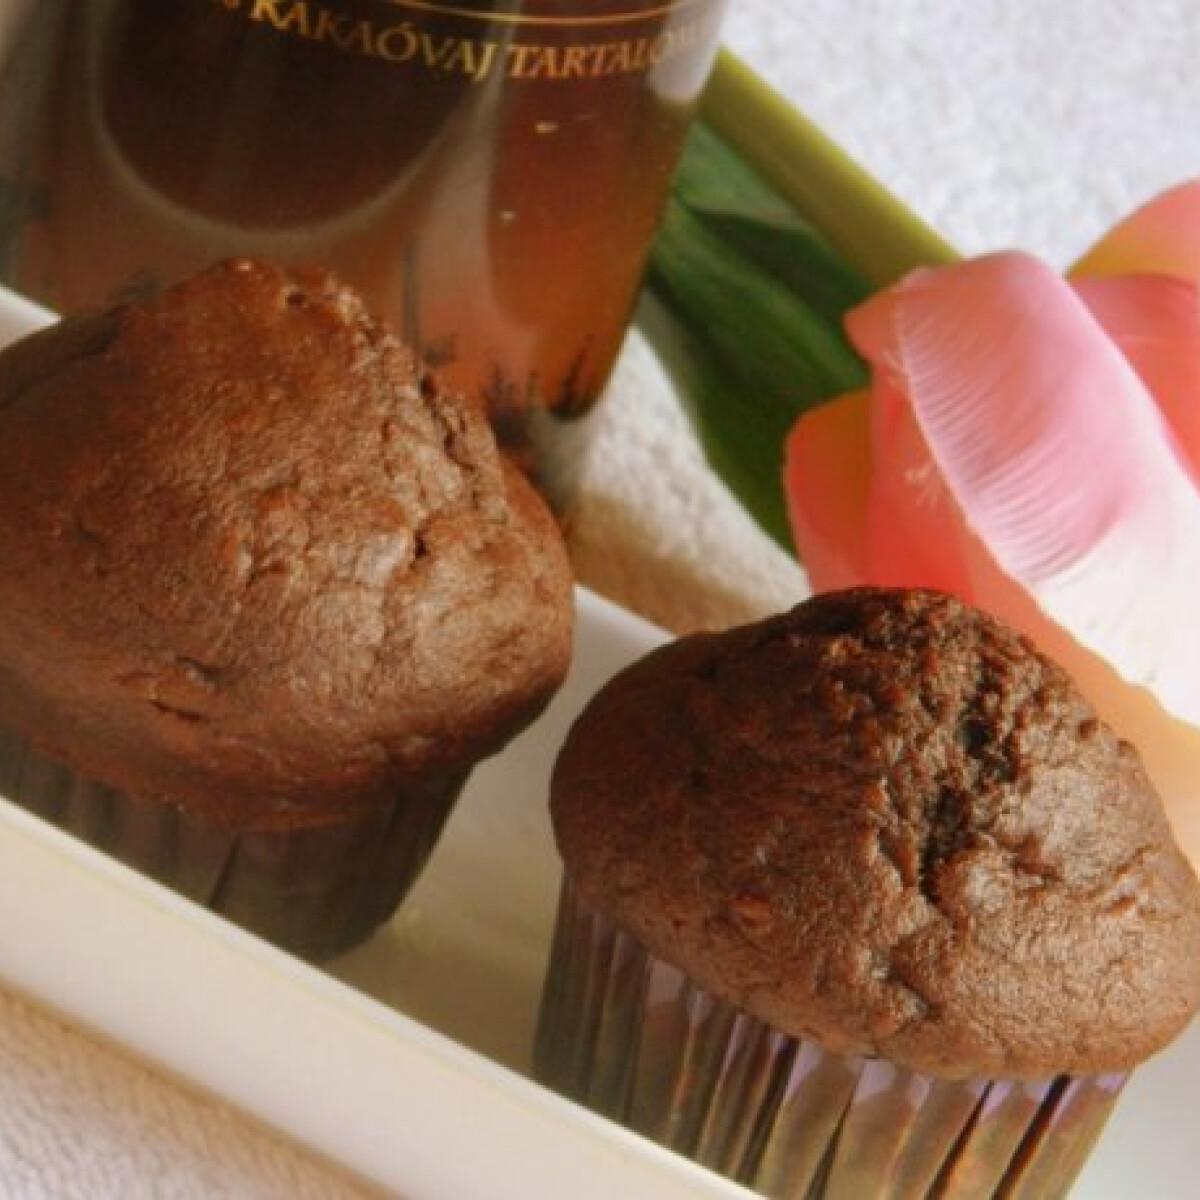 Ezen a képen: Csokoládés-banános muffin